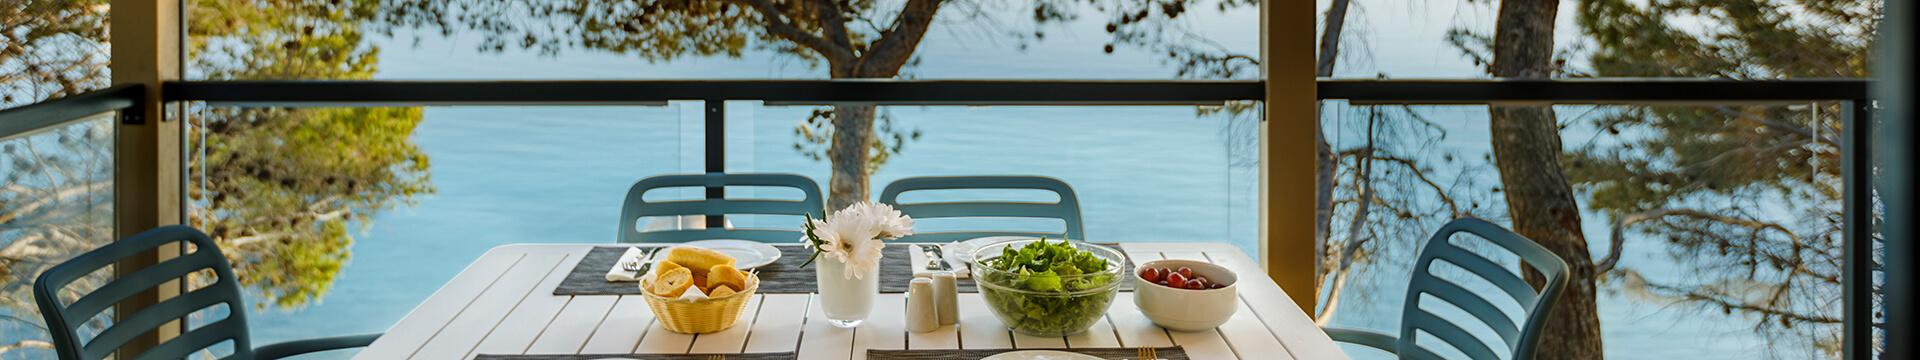 Padova Premium Camping Resort postaje bogatiji na nove mobilne kućice i nove sadržaje za slobodno vrijeme i sportske aktivnosti!